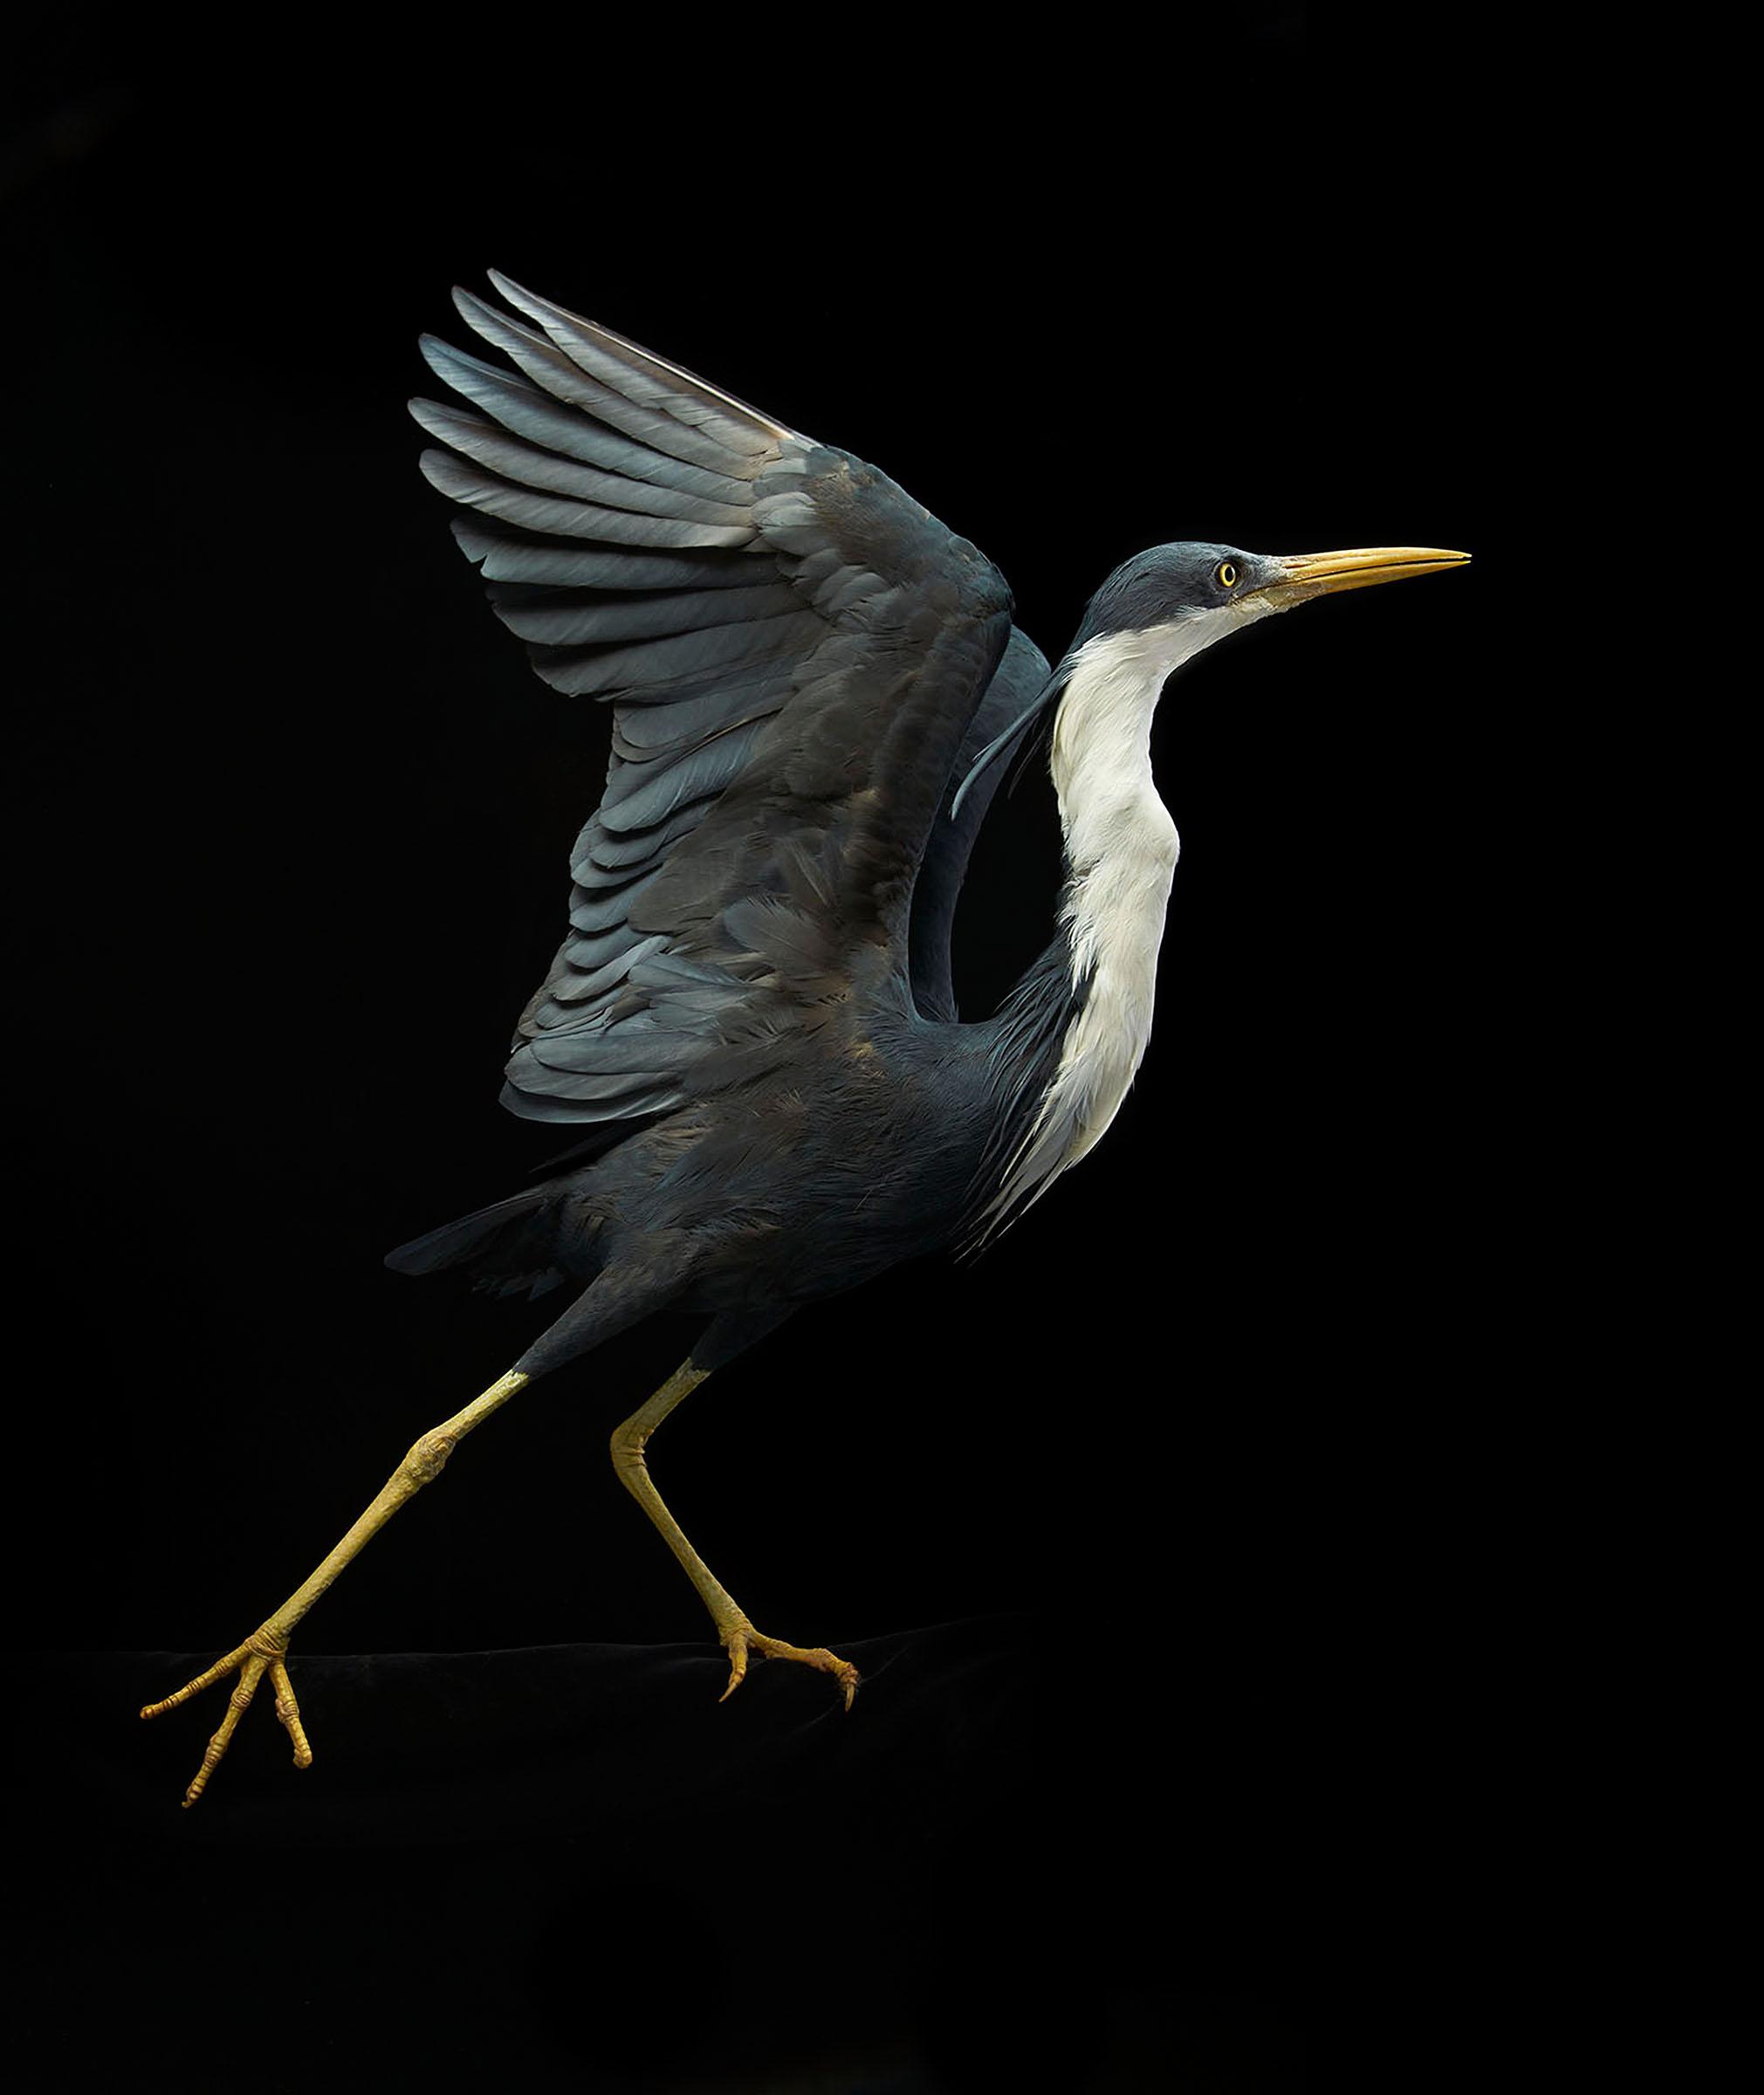 Heron_014 2.jpg